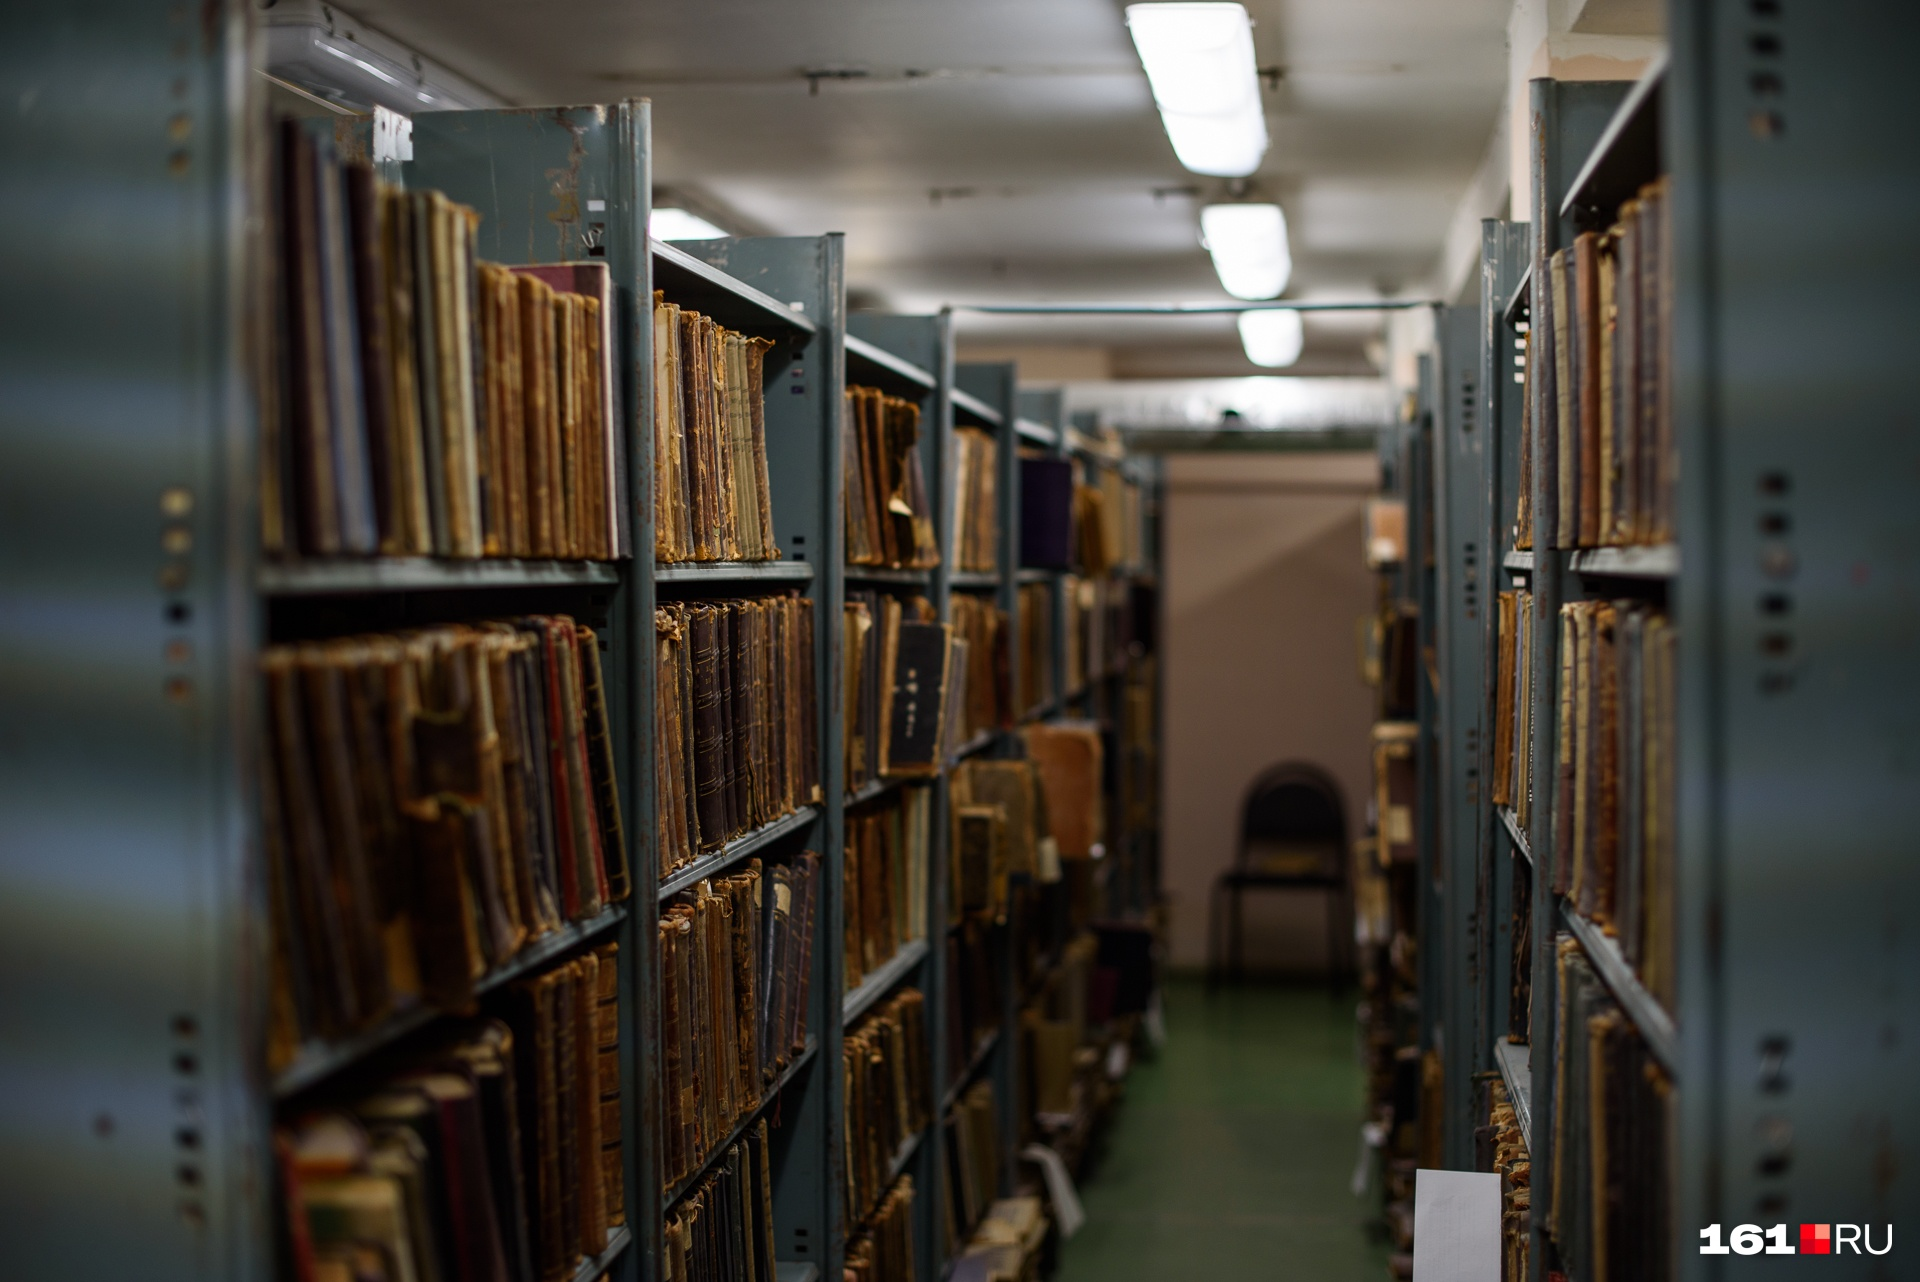 В библиотеке есть и книга-гигант, но выносят ее на обозрение редко, чтобы не повредить. Весит 30 килограммов, формат — 96 на 64 сантиметра